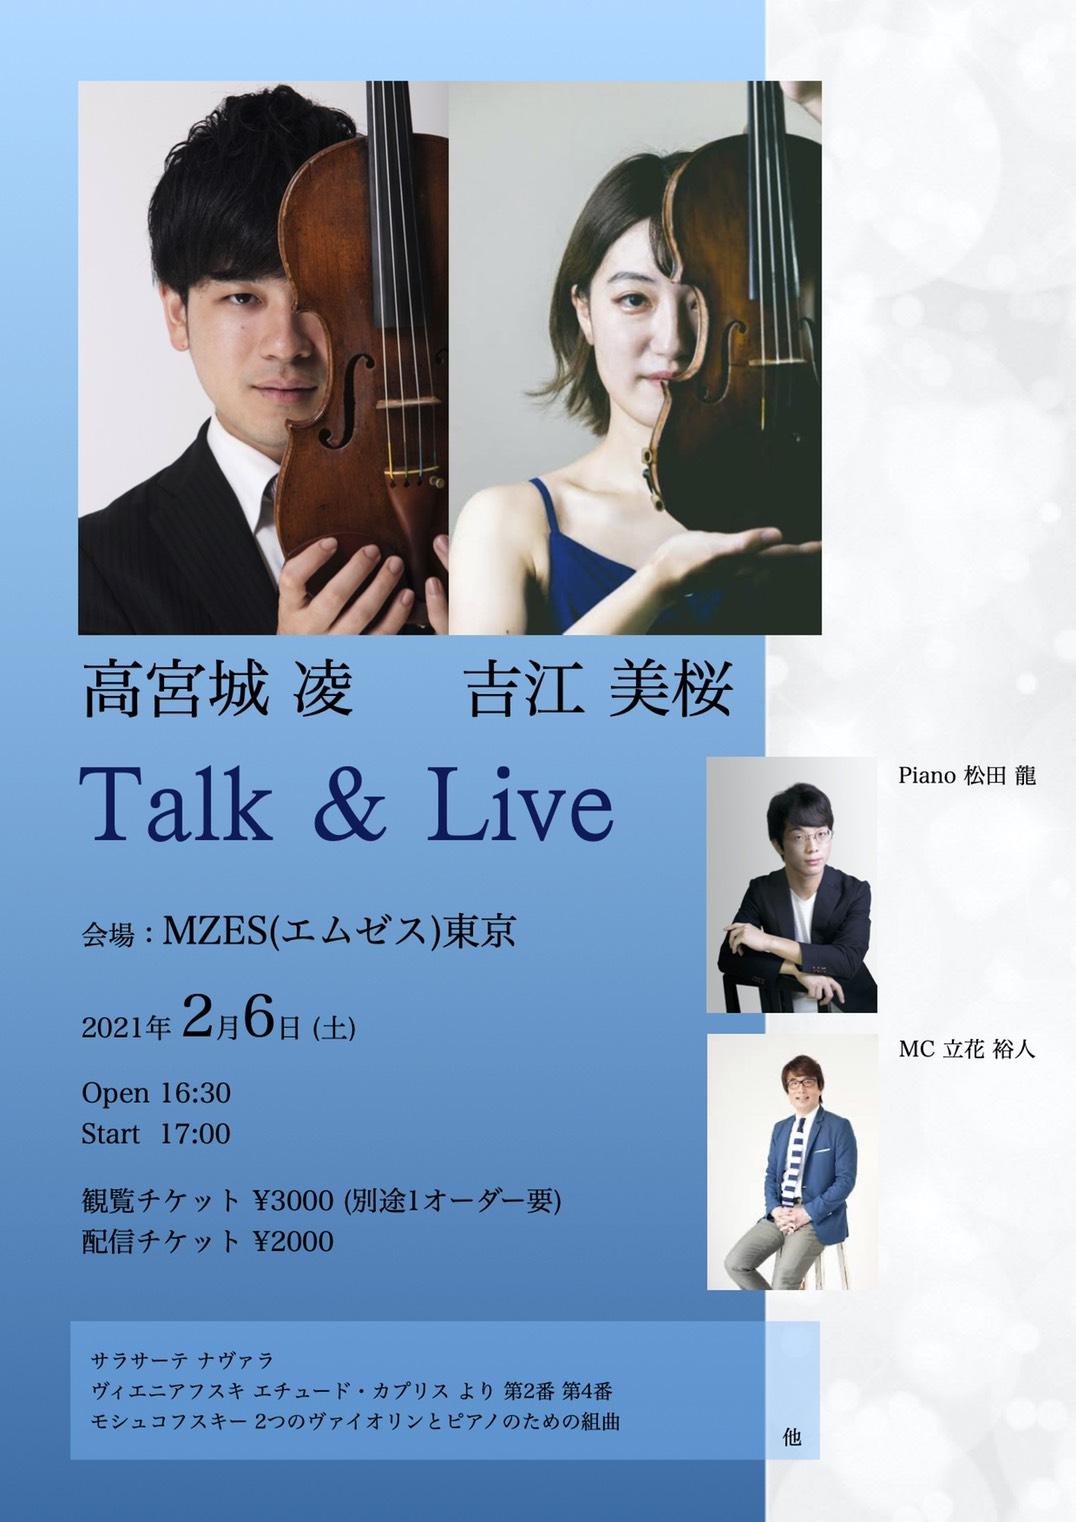 TALK &LIVE